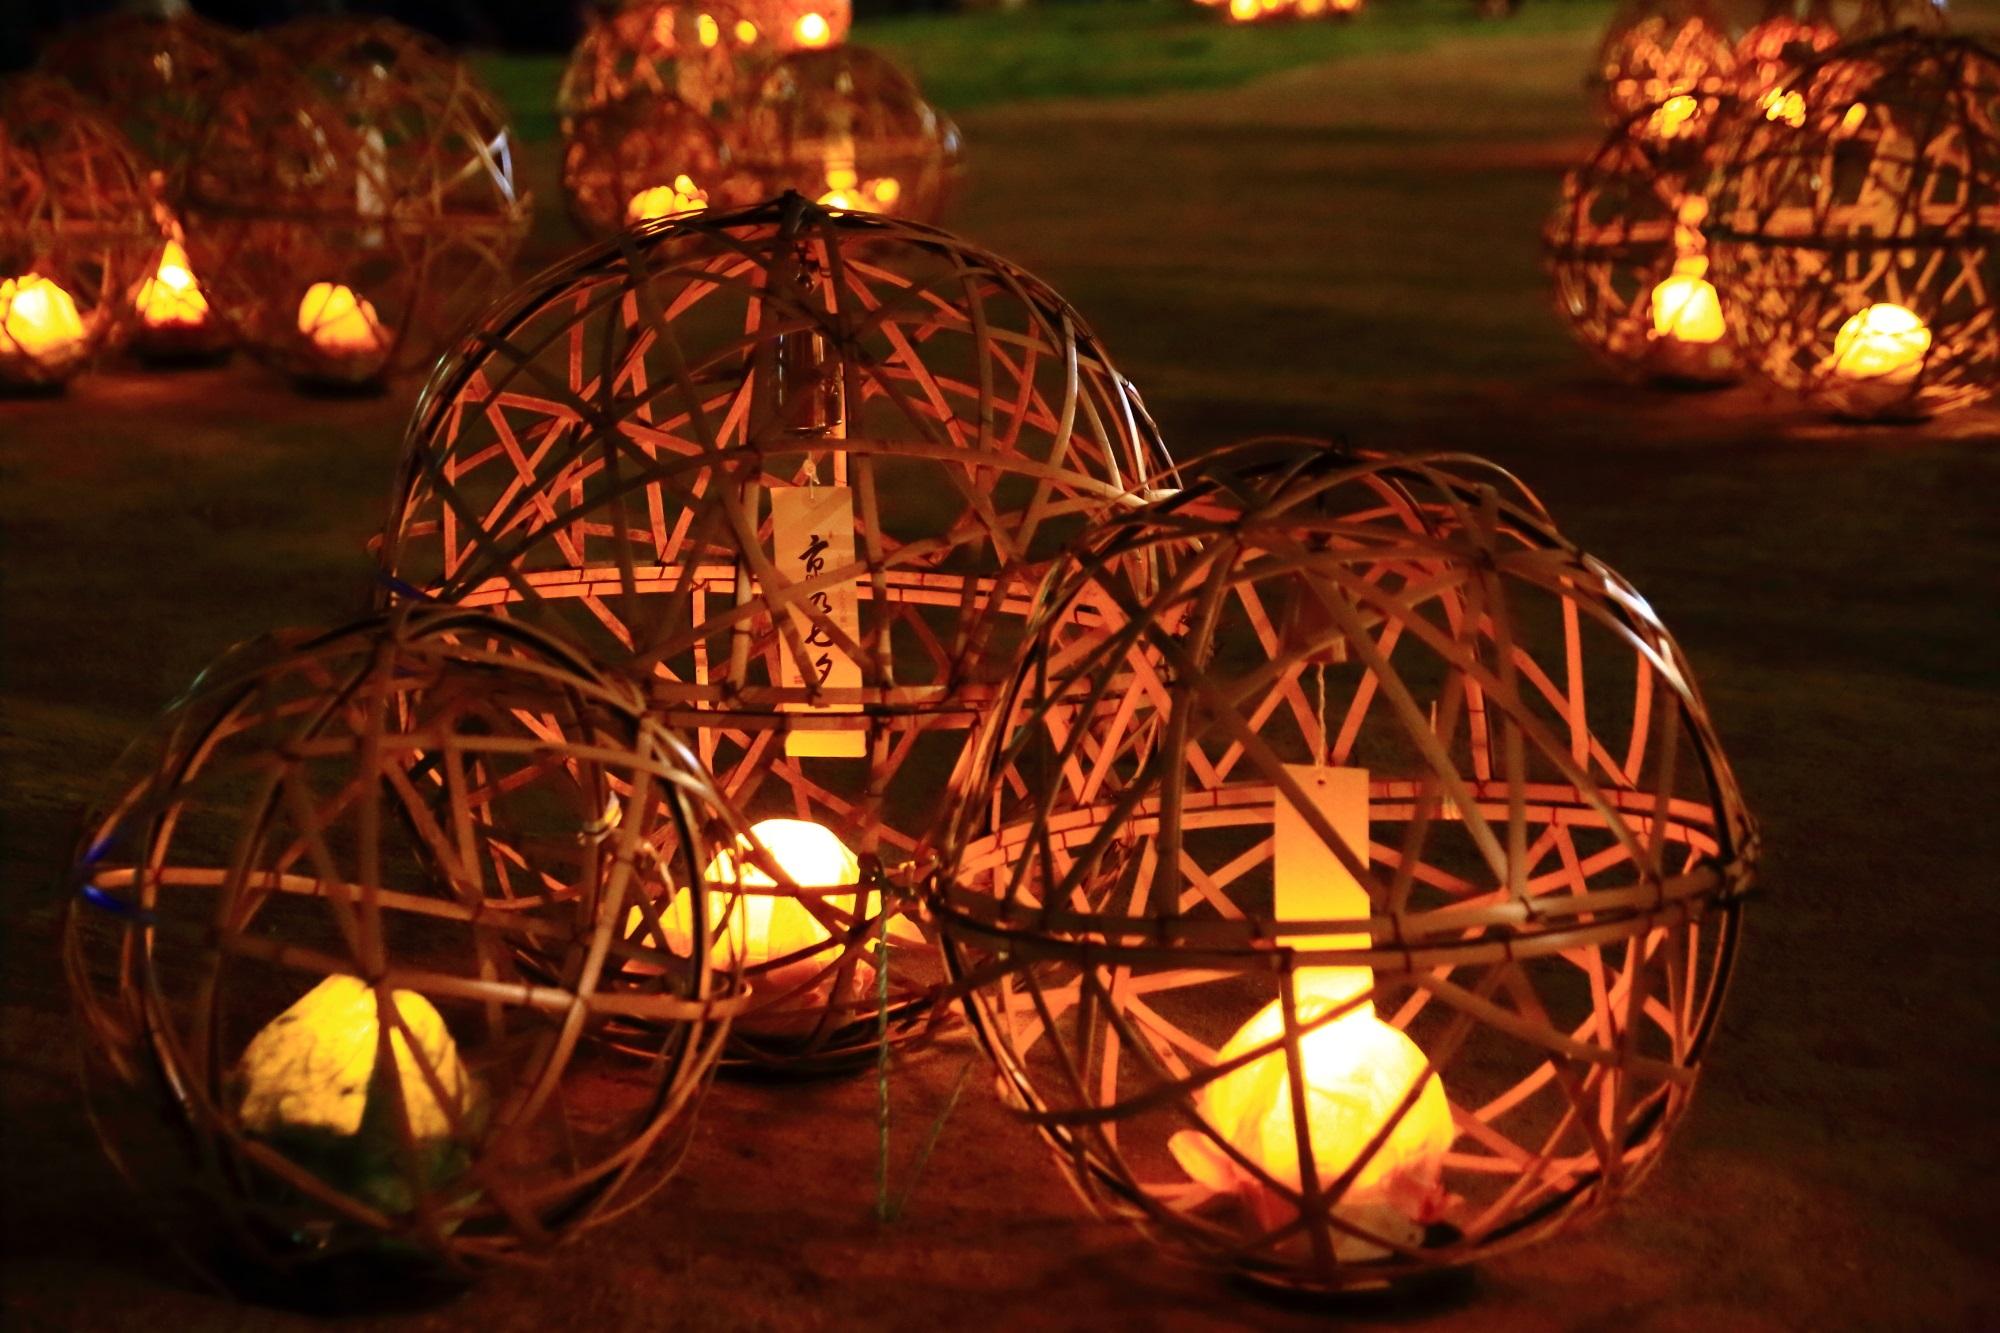 夏の風物詩の京の七夕鴨川会場の納涼の風鈴灯